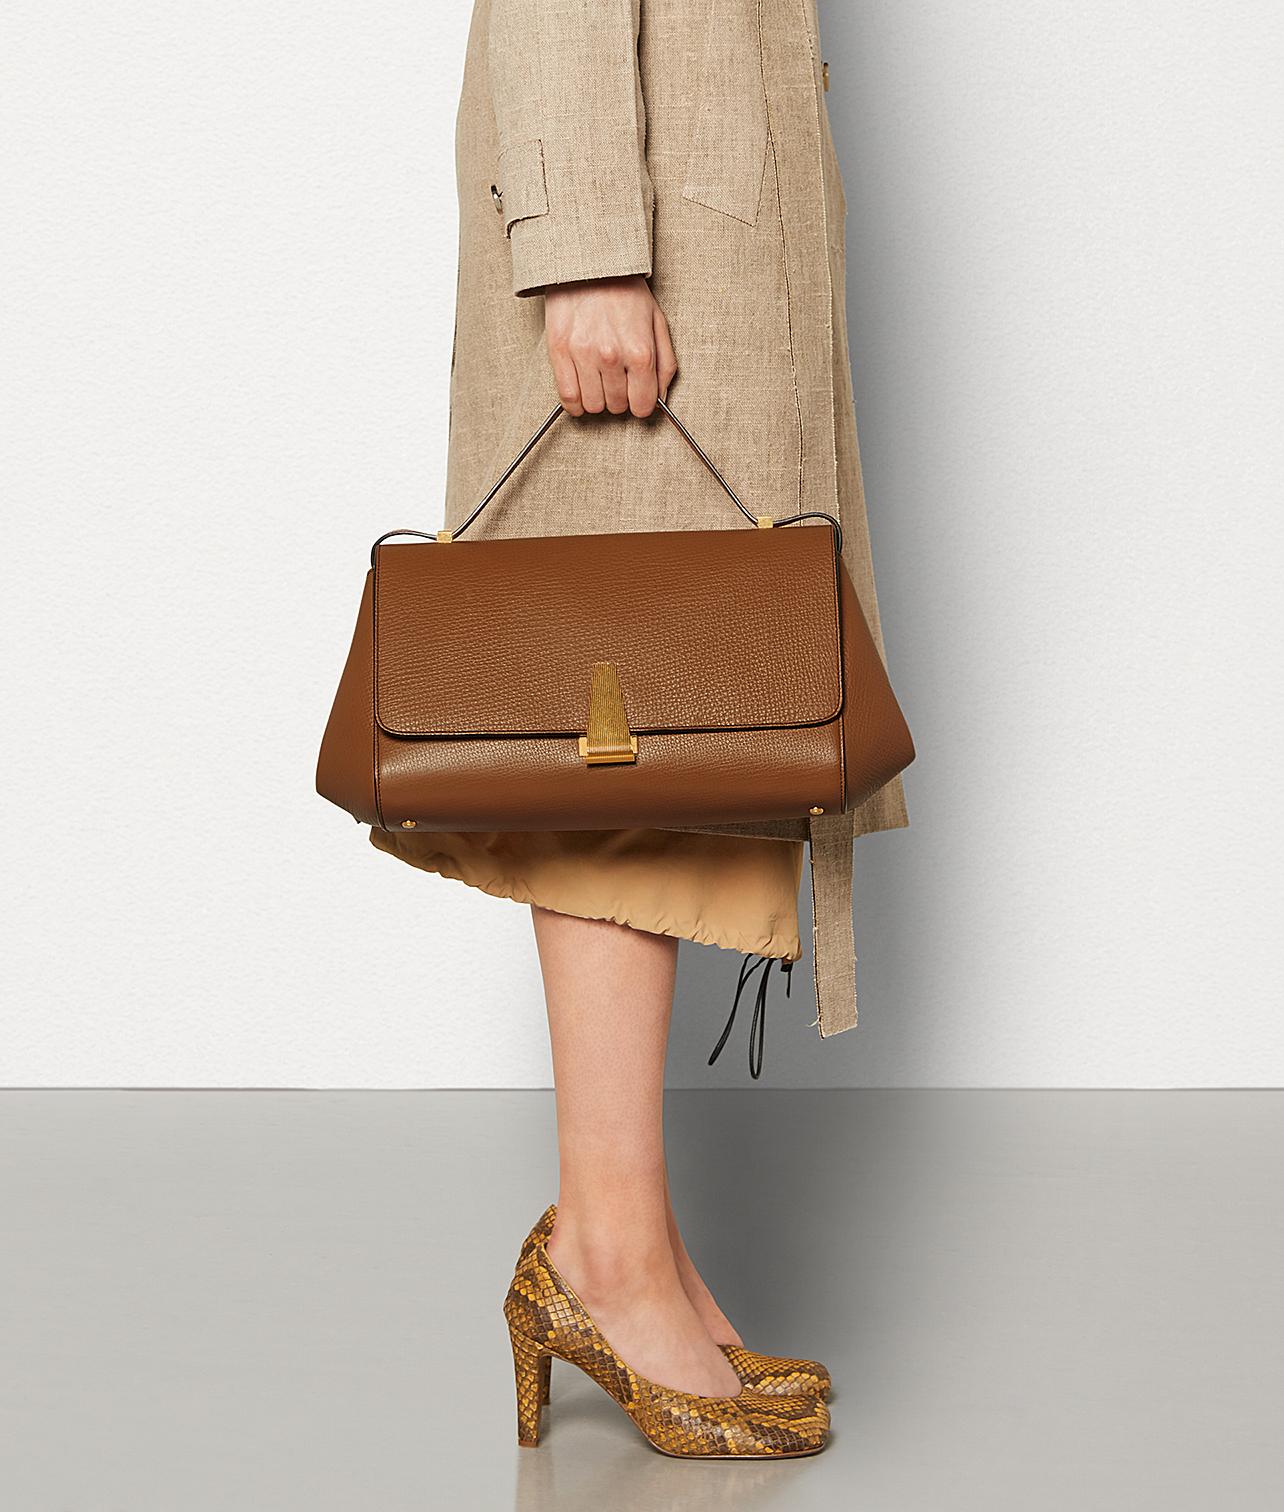 30代の女性にオススメのボッテガヴェネタのレディースバッグ